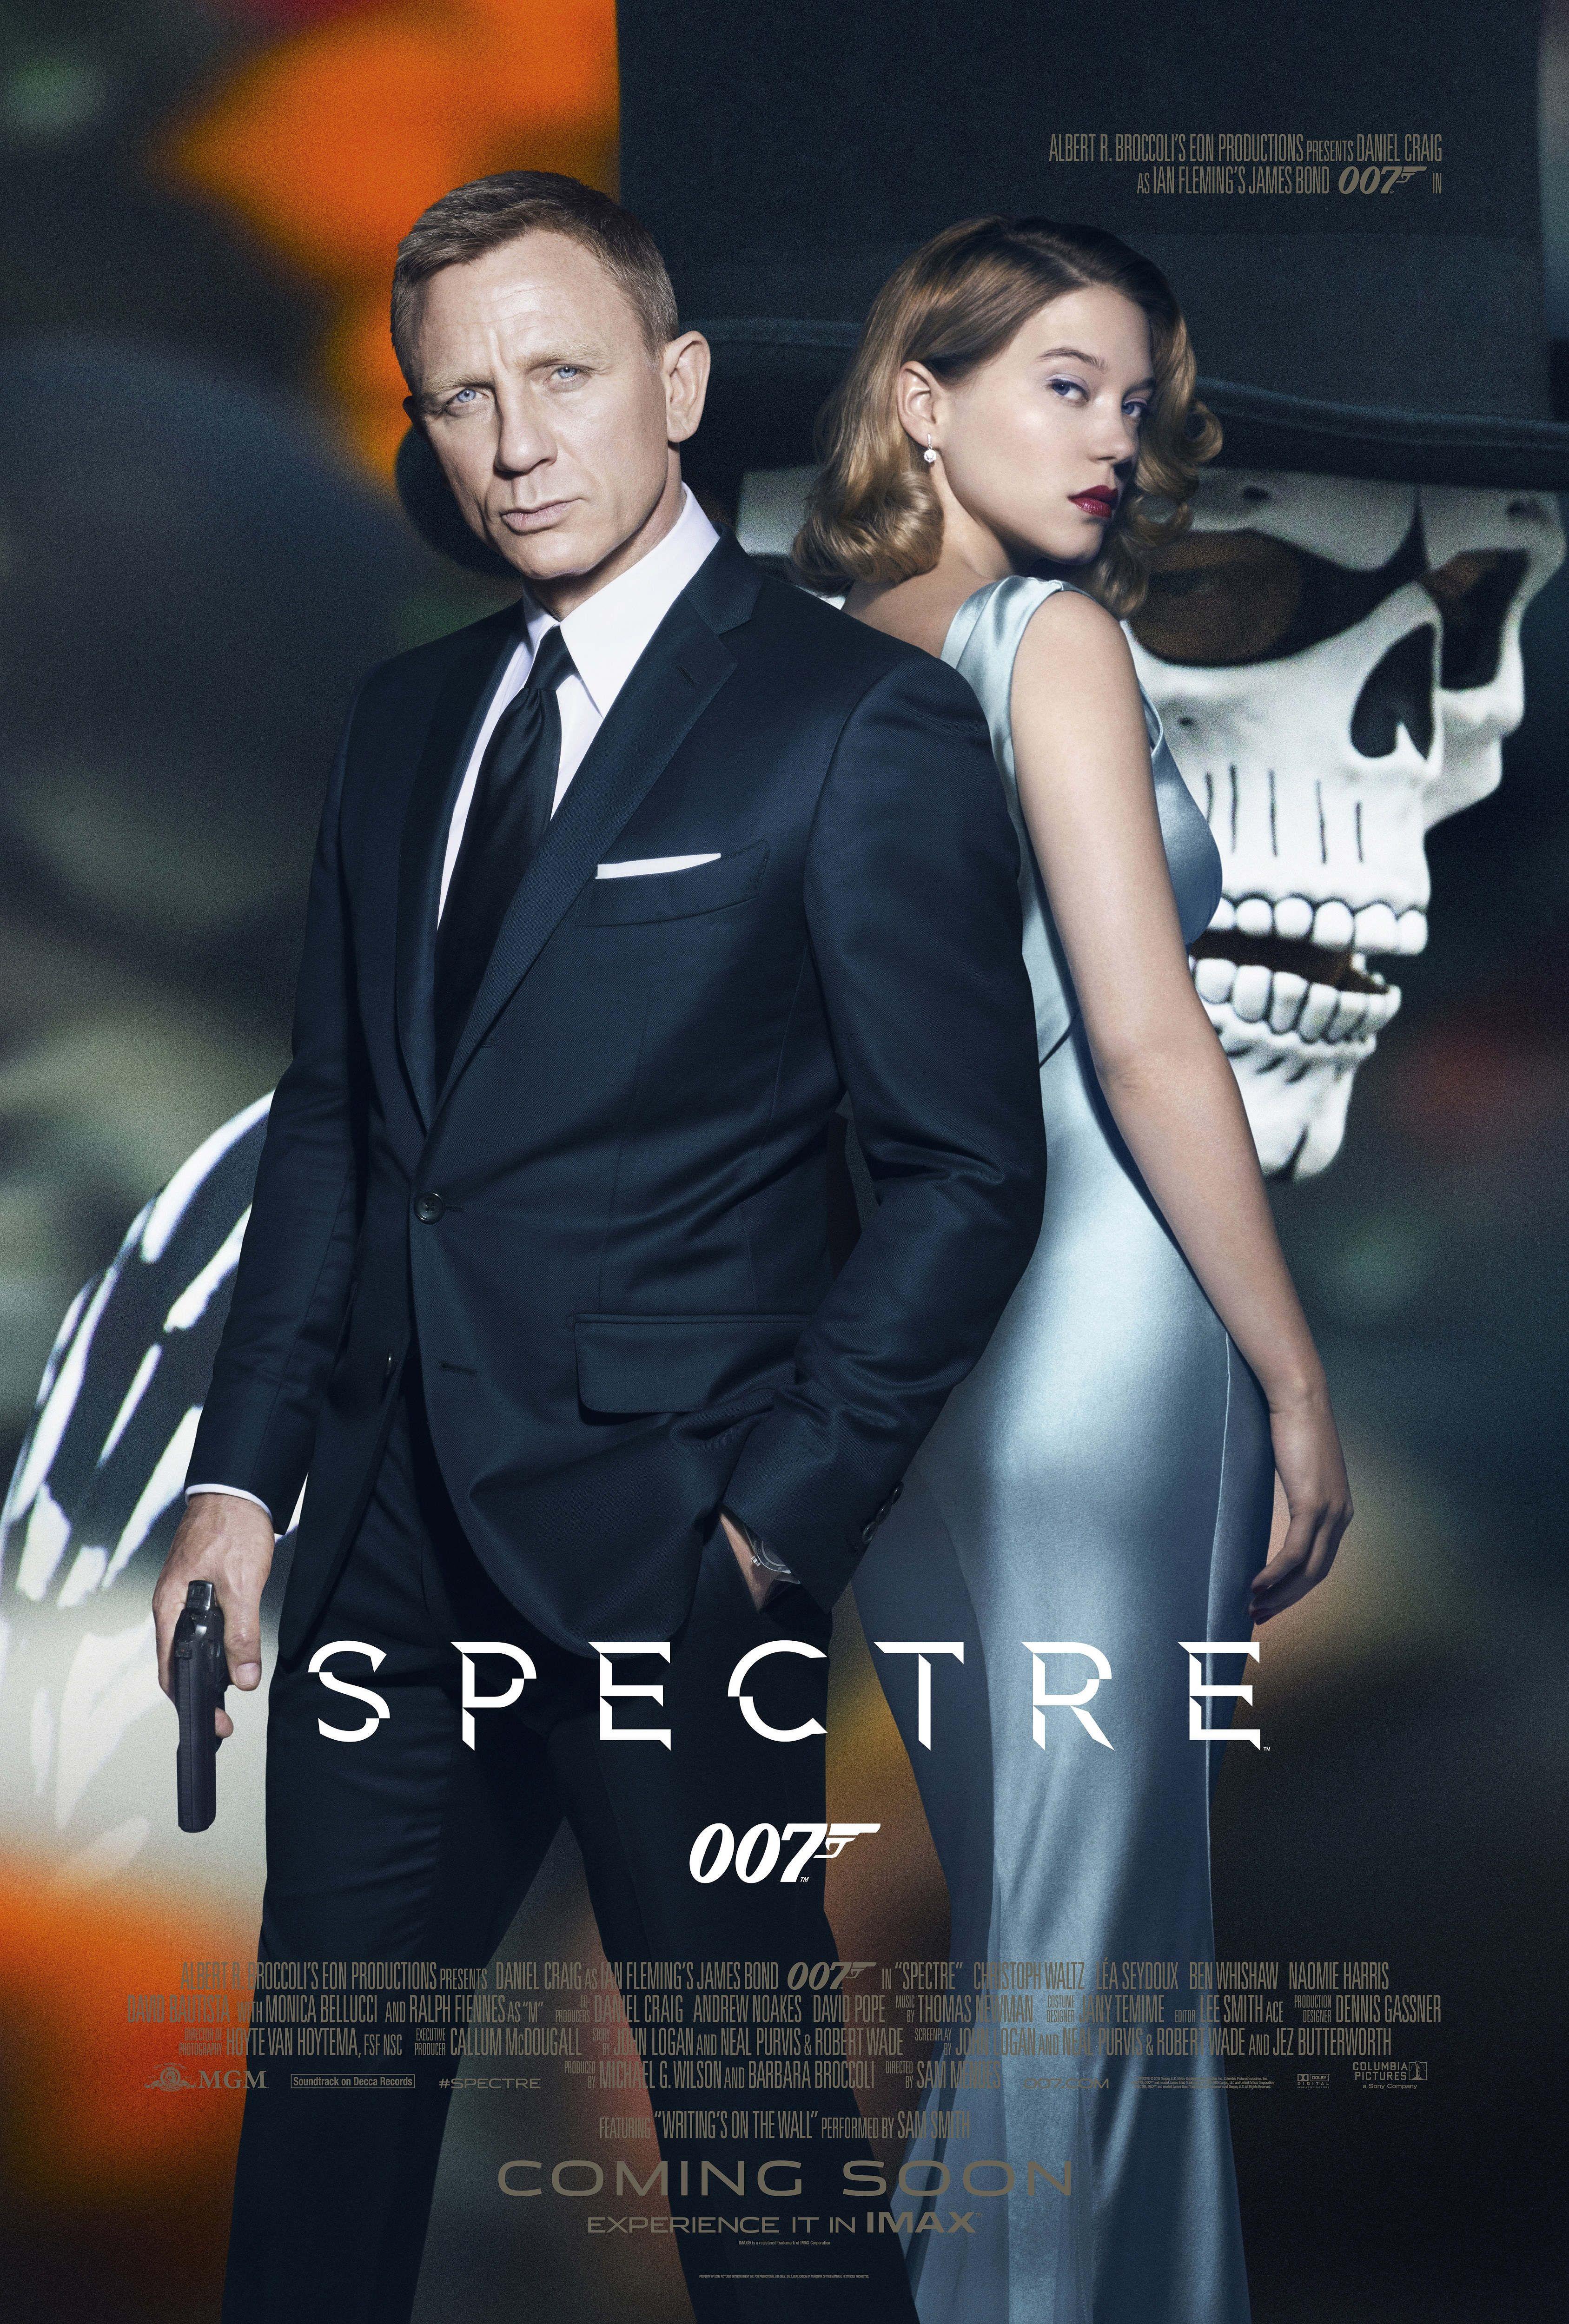 007 Contra Spectre Spectre Sam Mendes Filmes 007 007 Contra